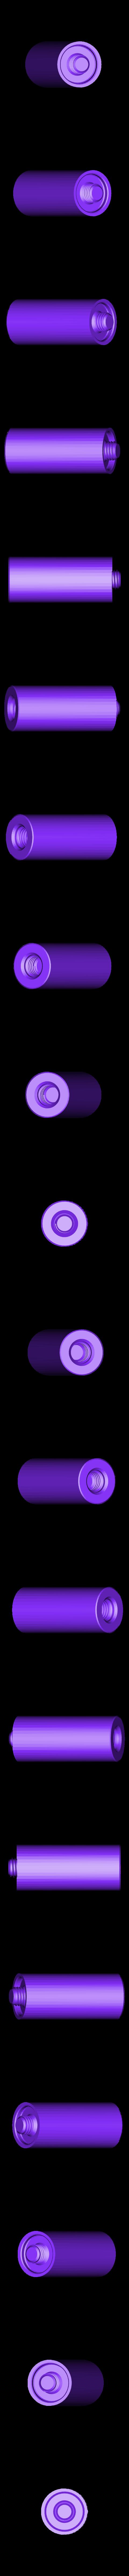 110mm_BigRod.STL Télécharger fichier STL gratuit Le porte-bobine universel - Page principale • Design pour imprimante 3D, Balkhagal4D